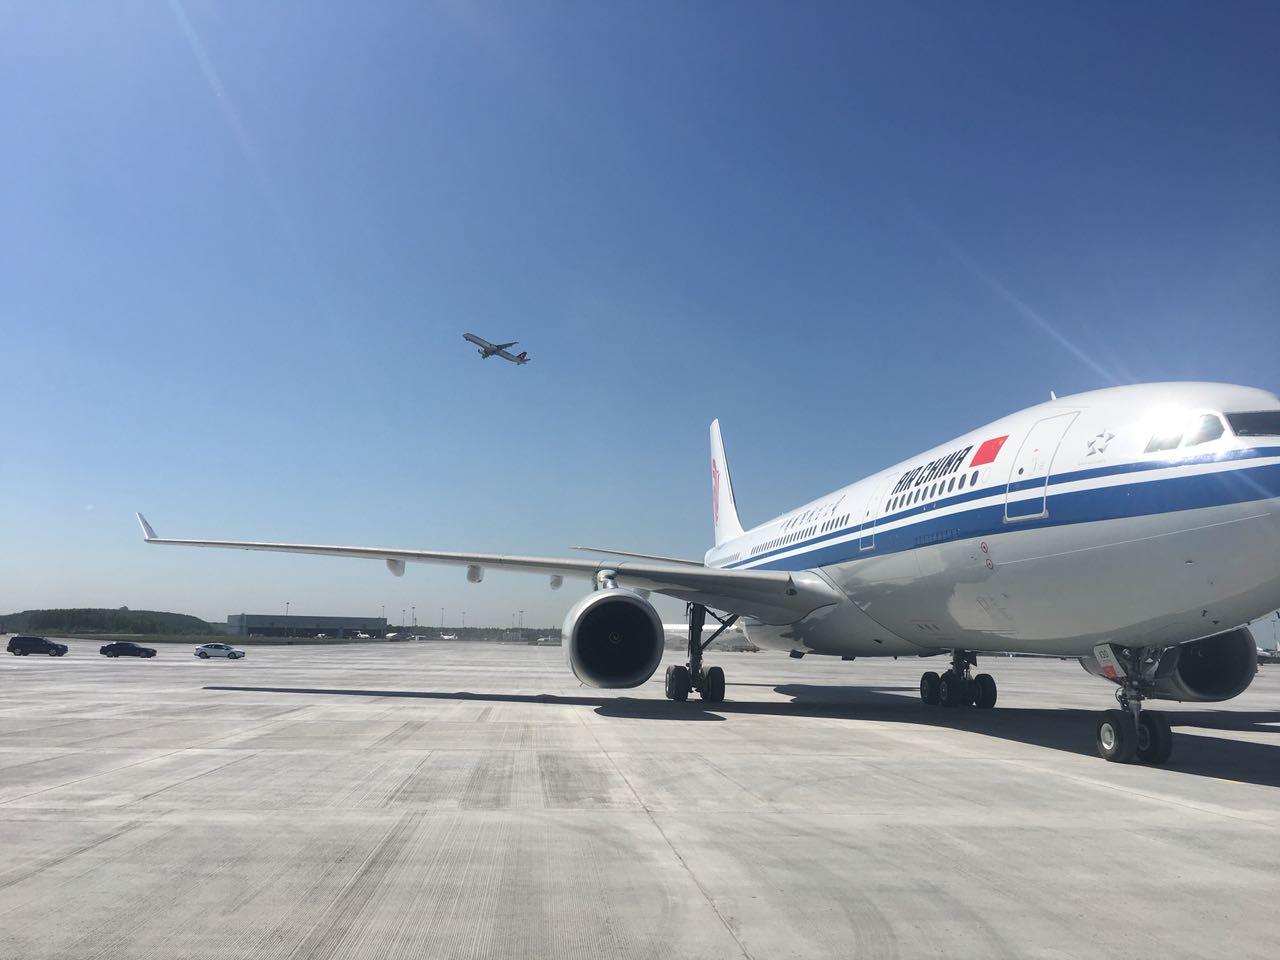 Вице-премьер Максим Акимов поддержал инициативу по режиму «седьмой свободы воздуха» для аэропорта «Пулково» в Санкт-Петербурге